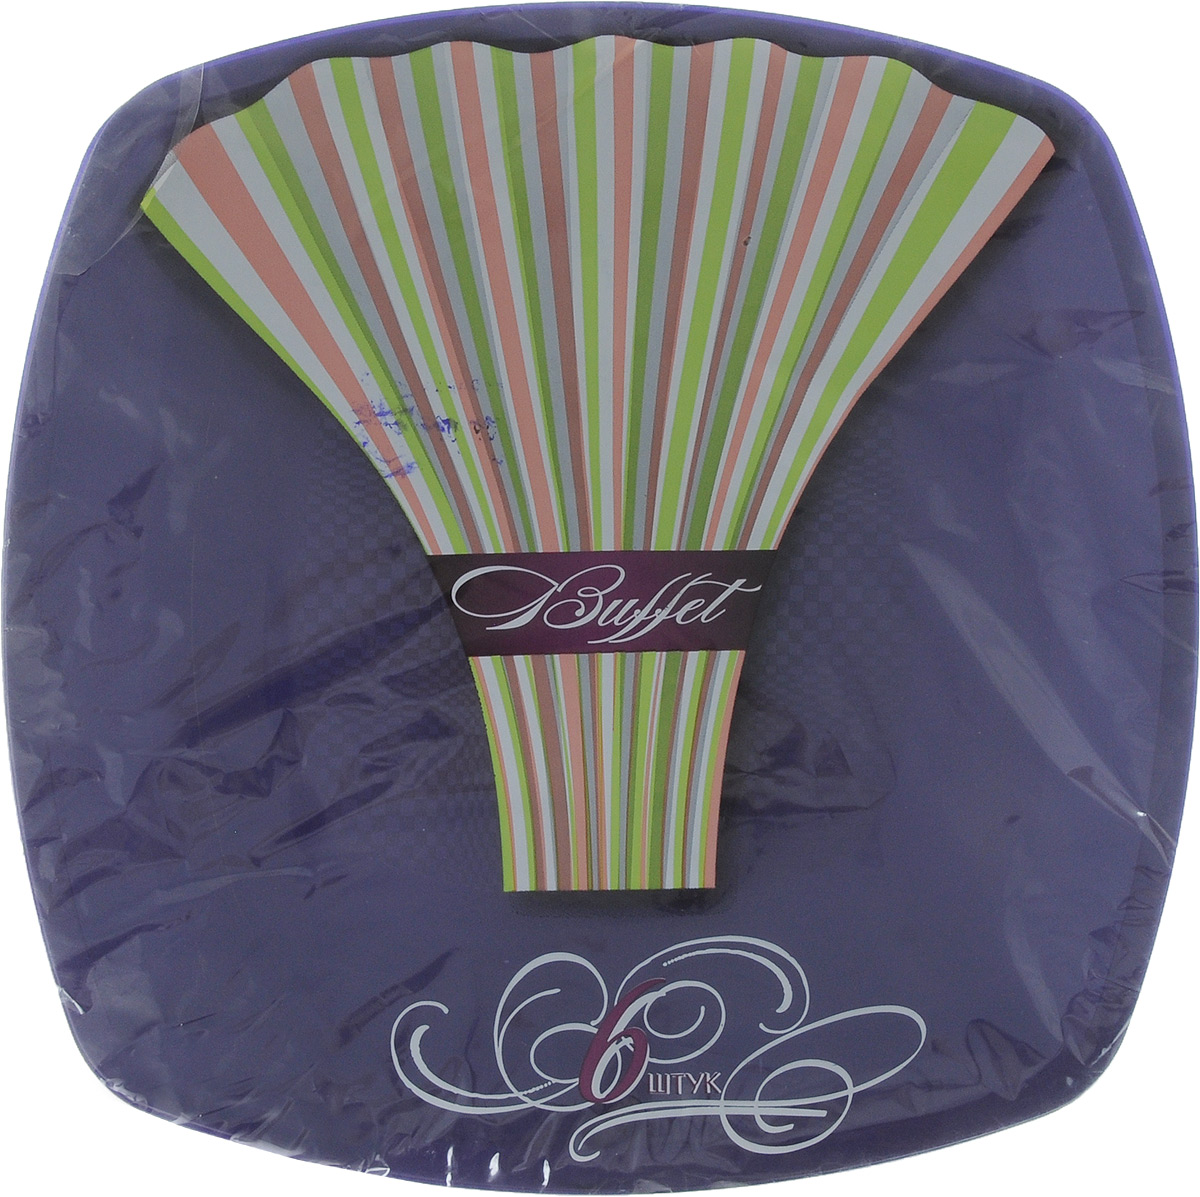 Набор одноразовых тарелок Buffet, цвет: фиолетовый, 23 х 23 см, 6 шт183203_фиолетовыйНабор Buffet состоит из 6 квадратных тарелок, выполненных из полипропилена и предназначенных для одноразового использования. Одноразовые тарелки будут незаменимы при поездках на природу, пикниках и других мероприятиях. Они не займут много места, легки и самое главное - после использования их не надо мыть.Размер тарелки (по верхнему краю): 23 х 23 см.Высота тарелки: 1,5 см.